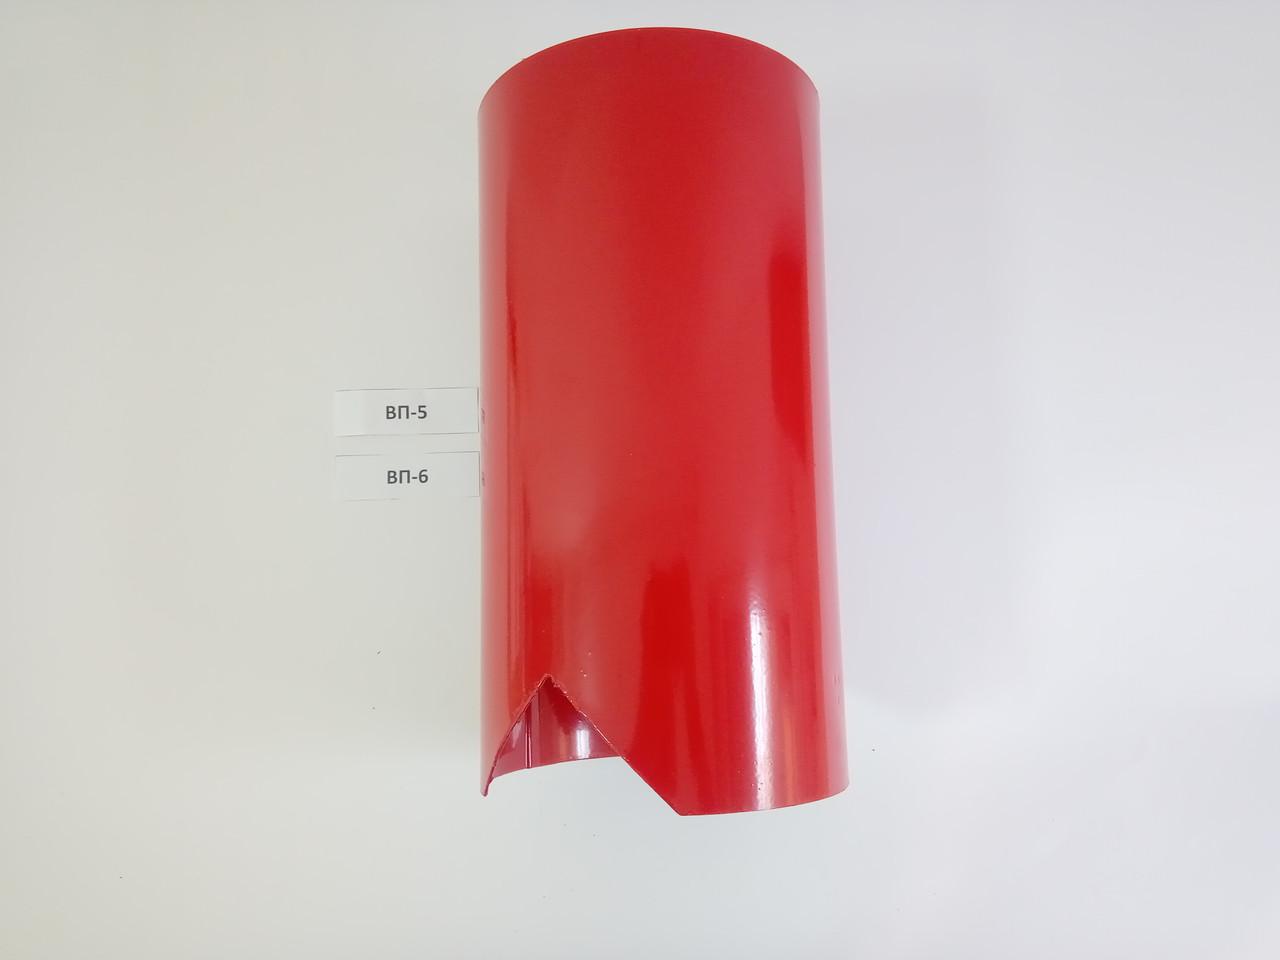 Подставка под огнетушитель ВП-5 / ВП-6